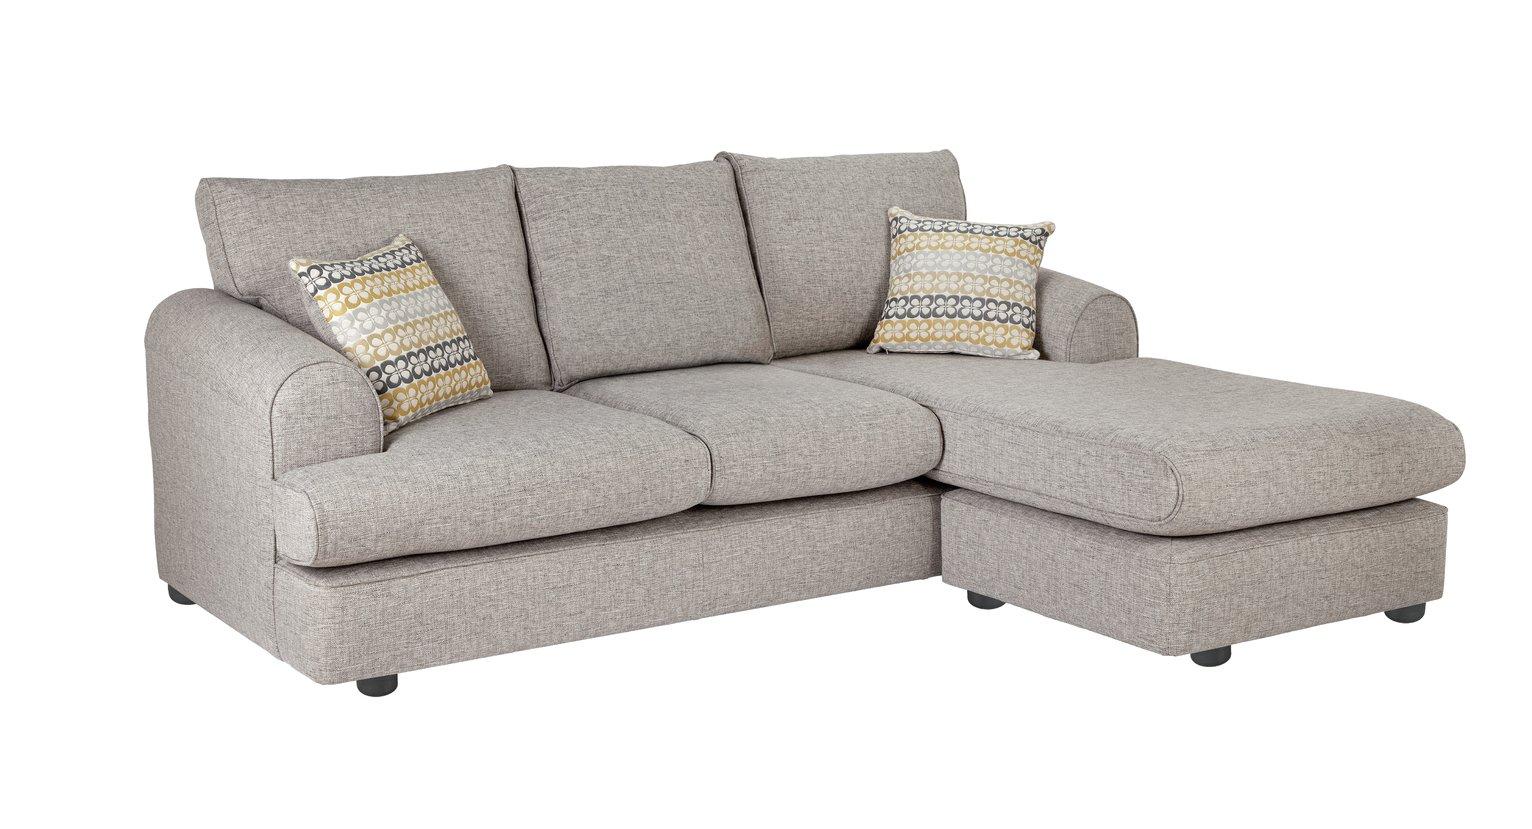 Argos Home Atticus Right Corner Fabric Sofa - Grey